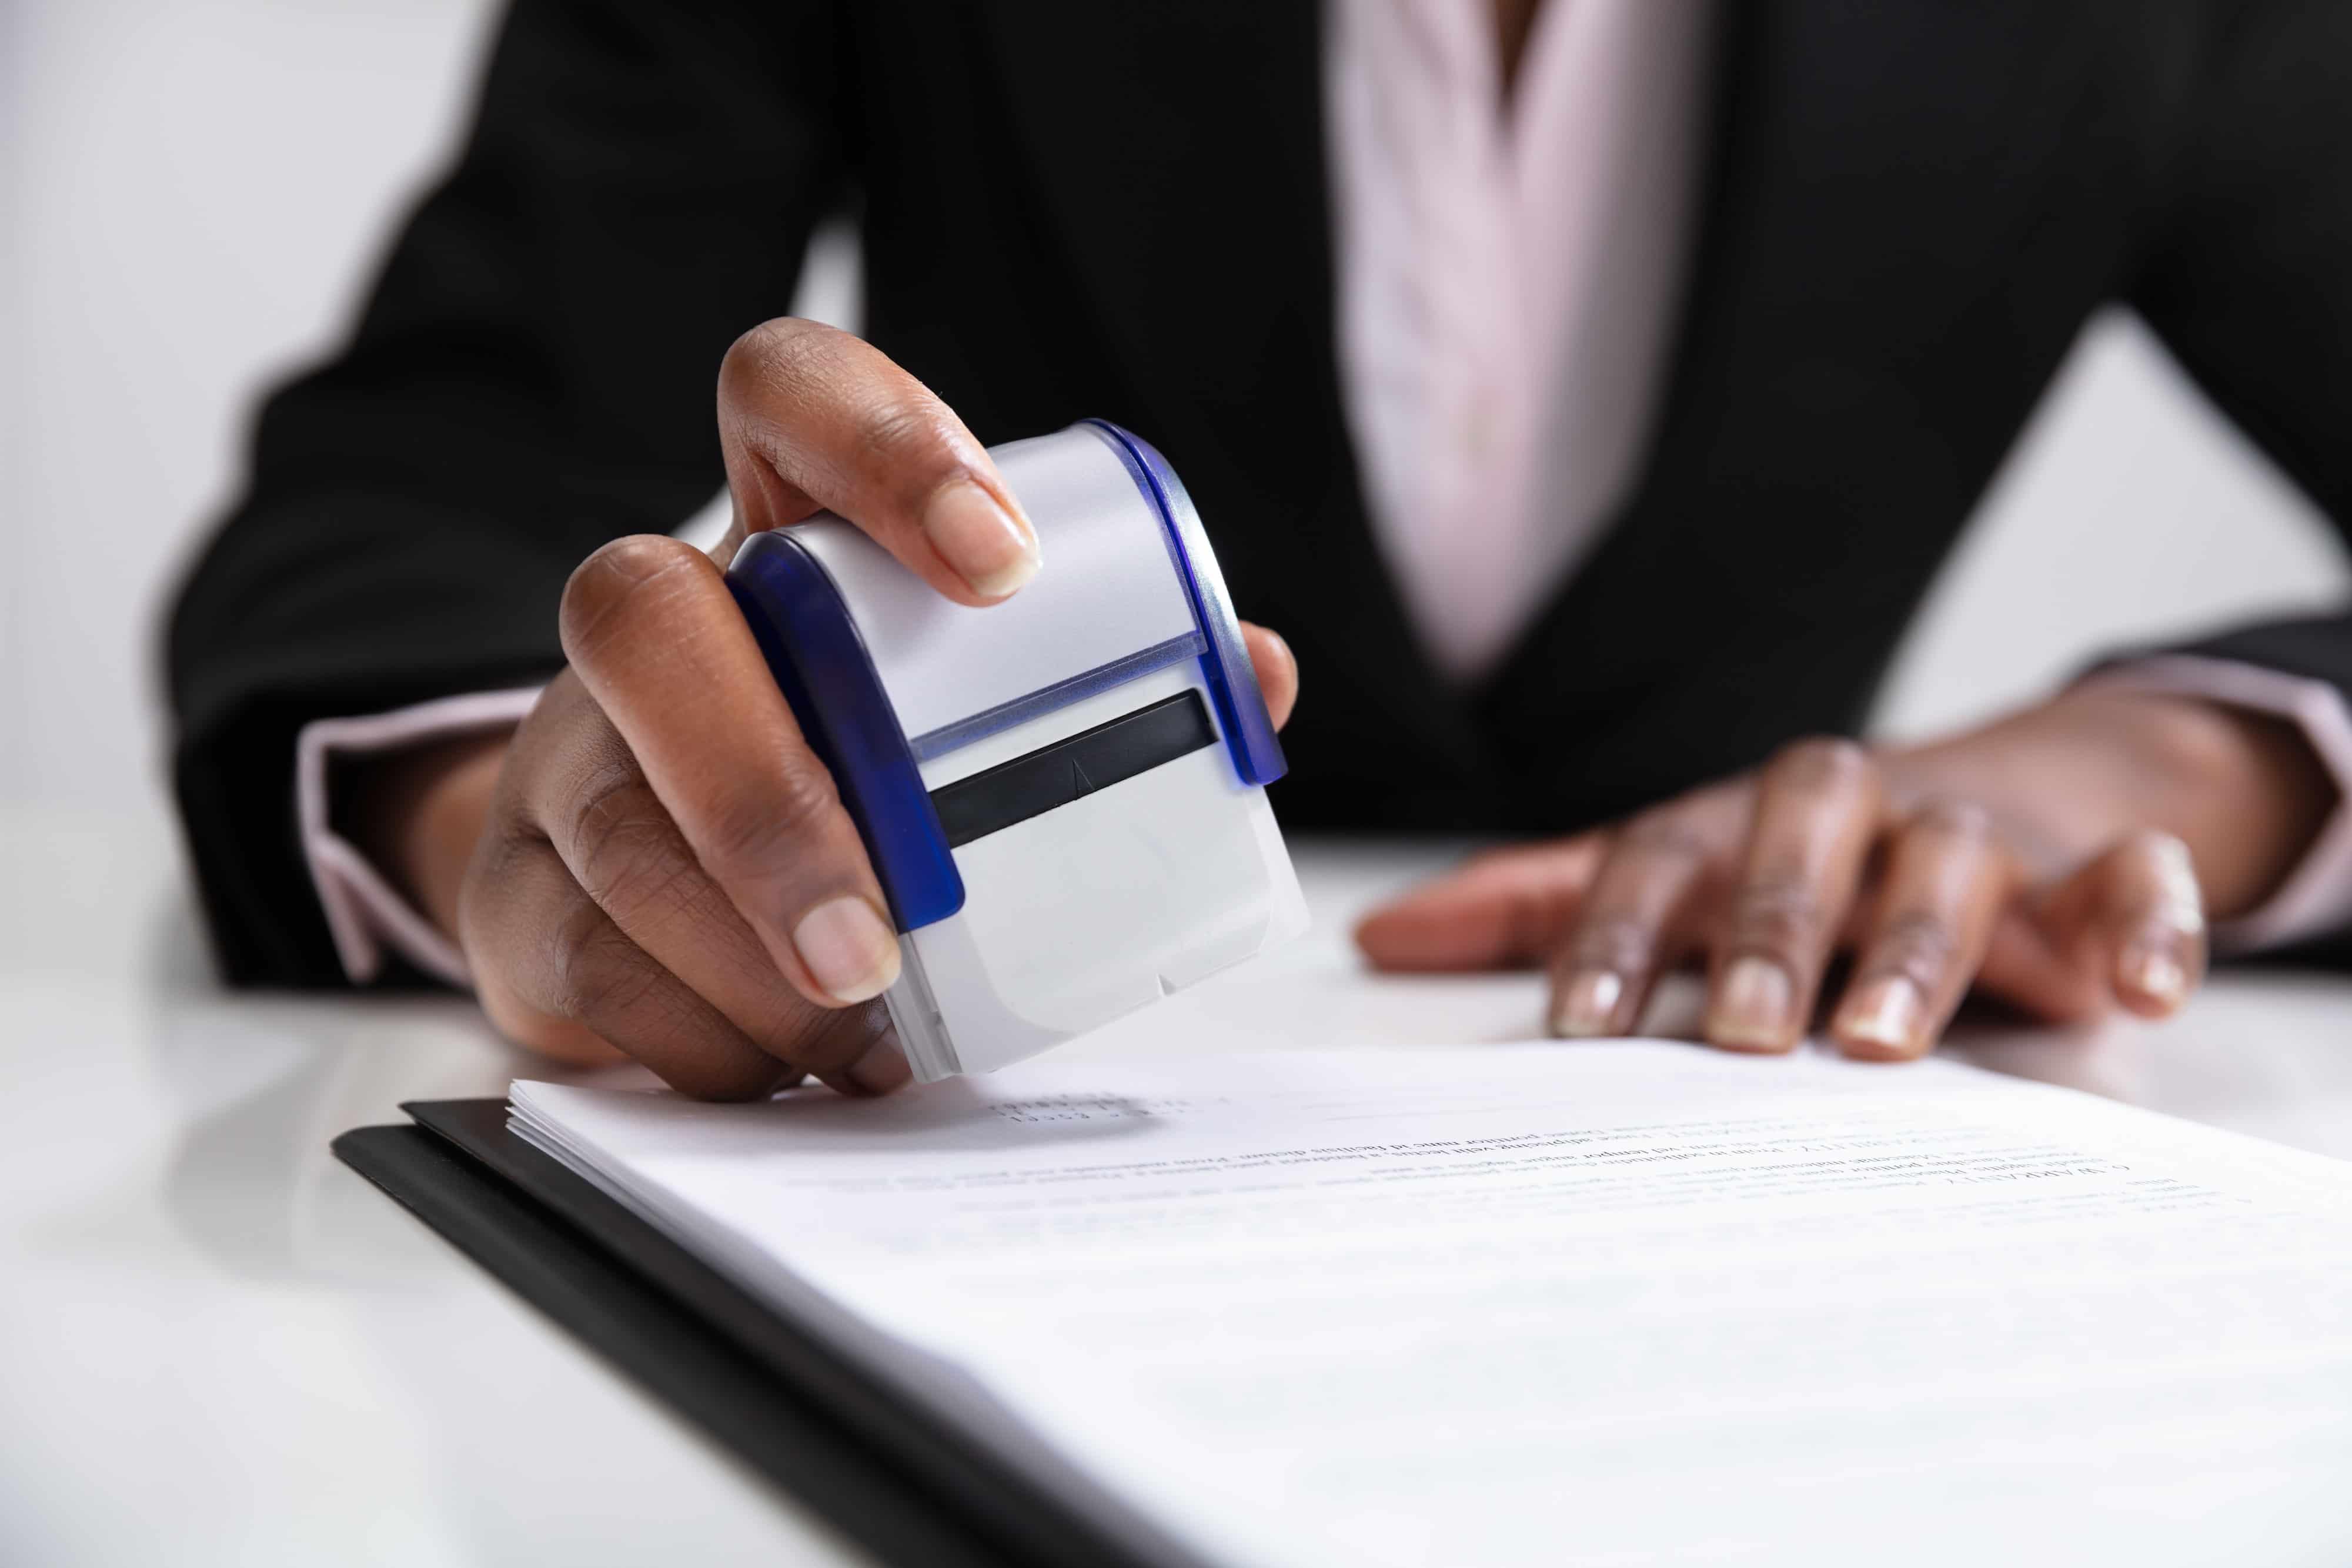 Carimbando assinatura em contrato